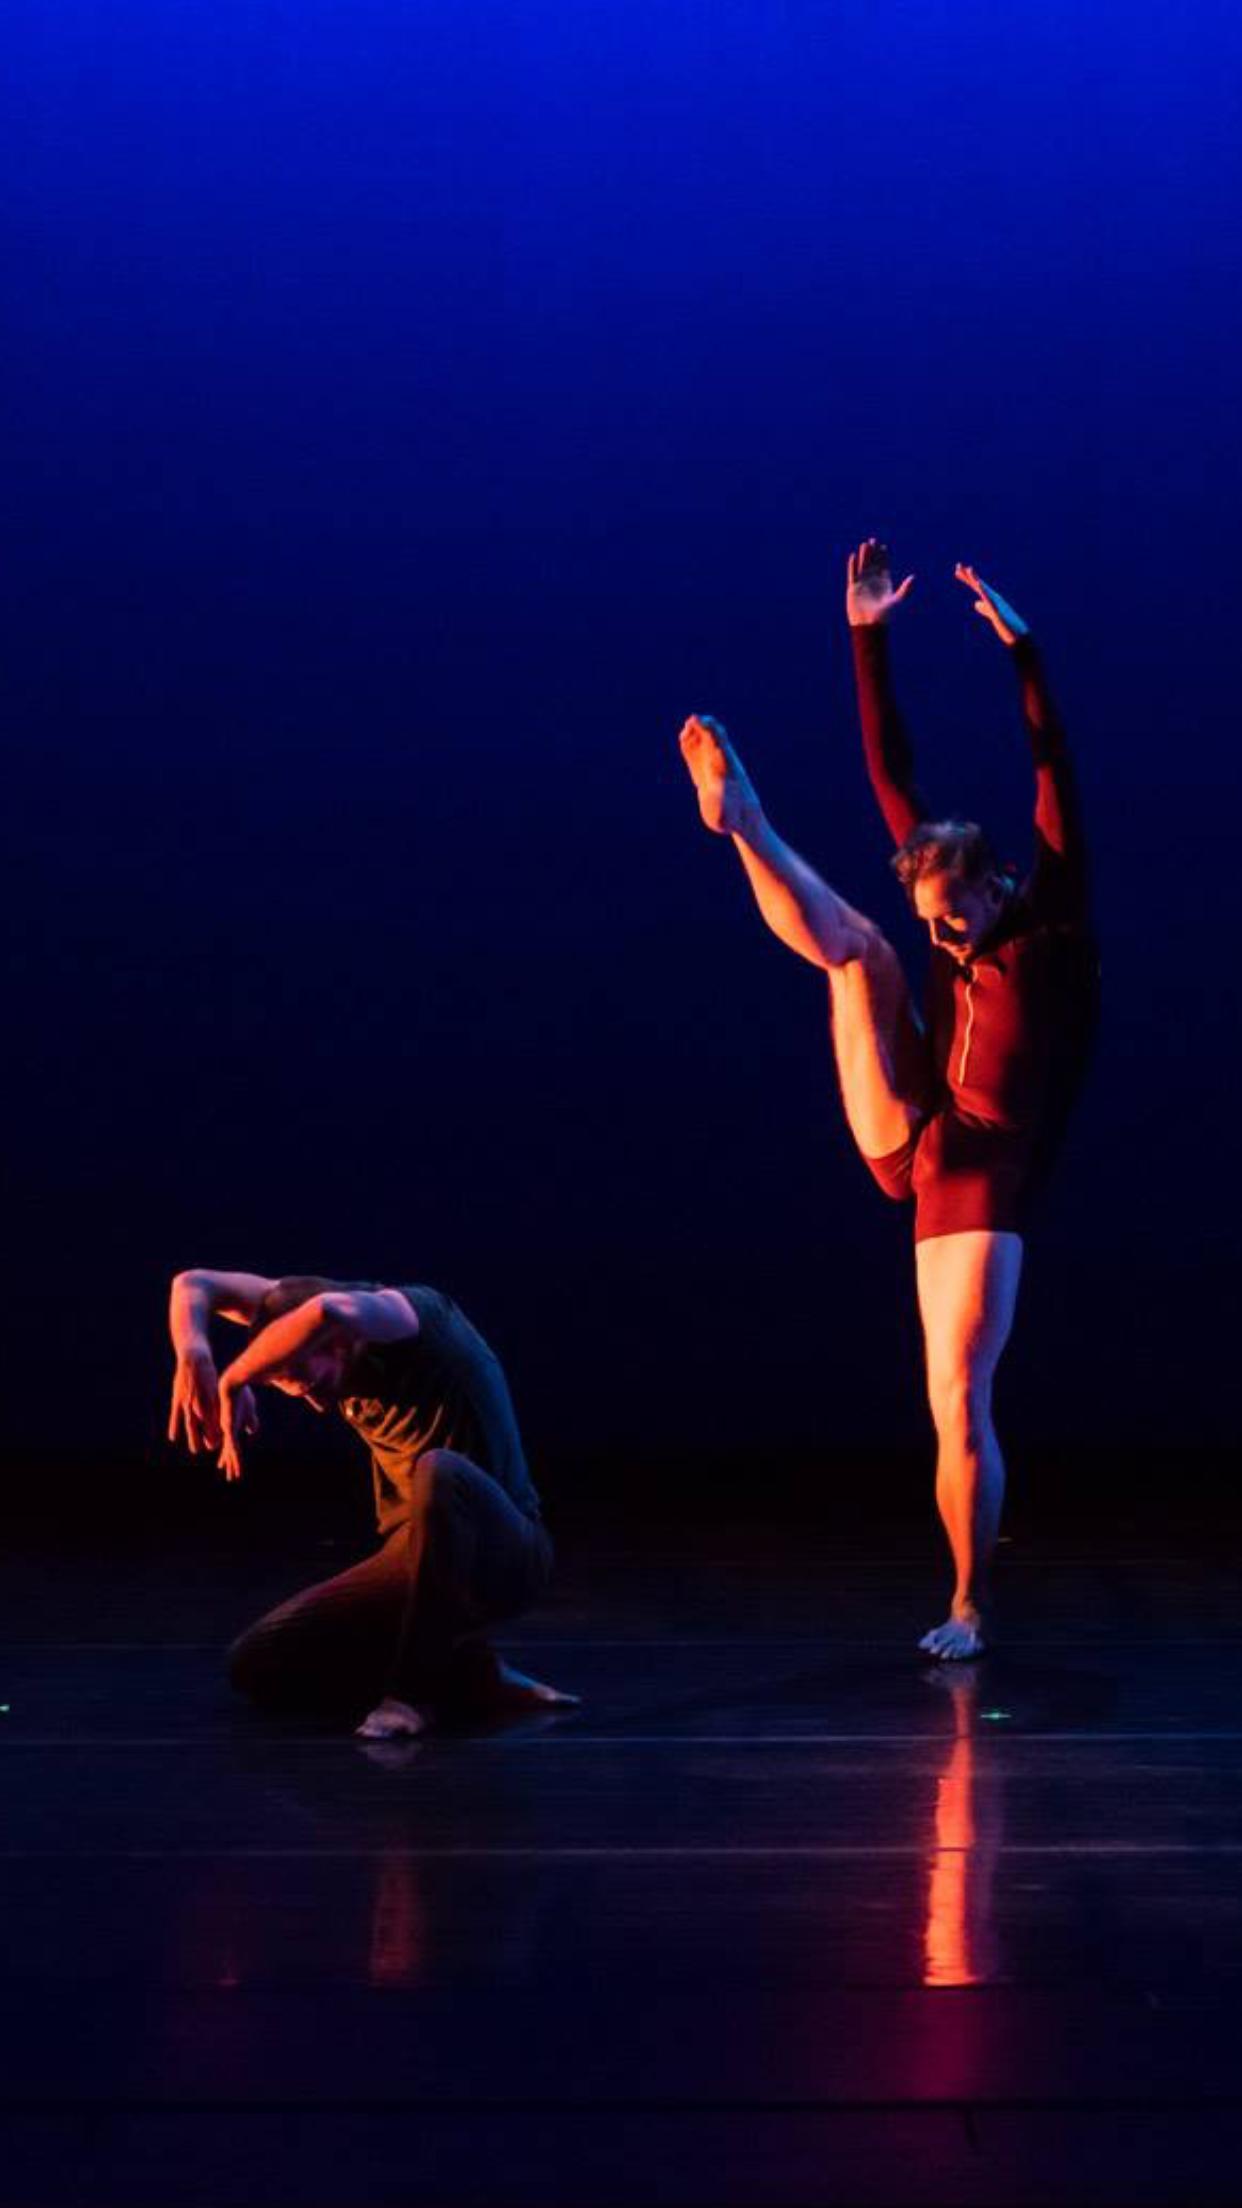 kyle-james-adam-dancer-18.PNG